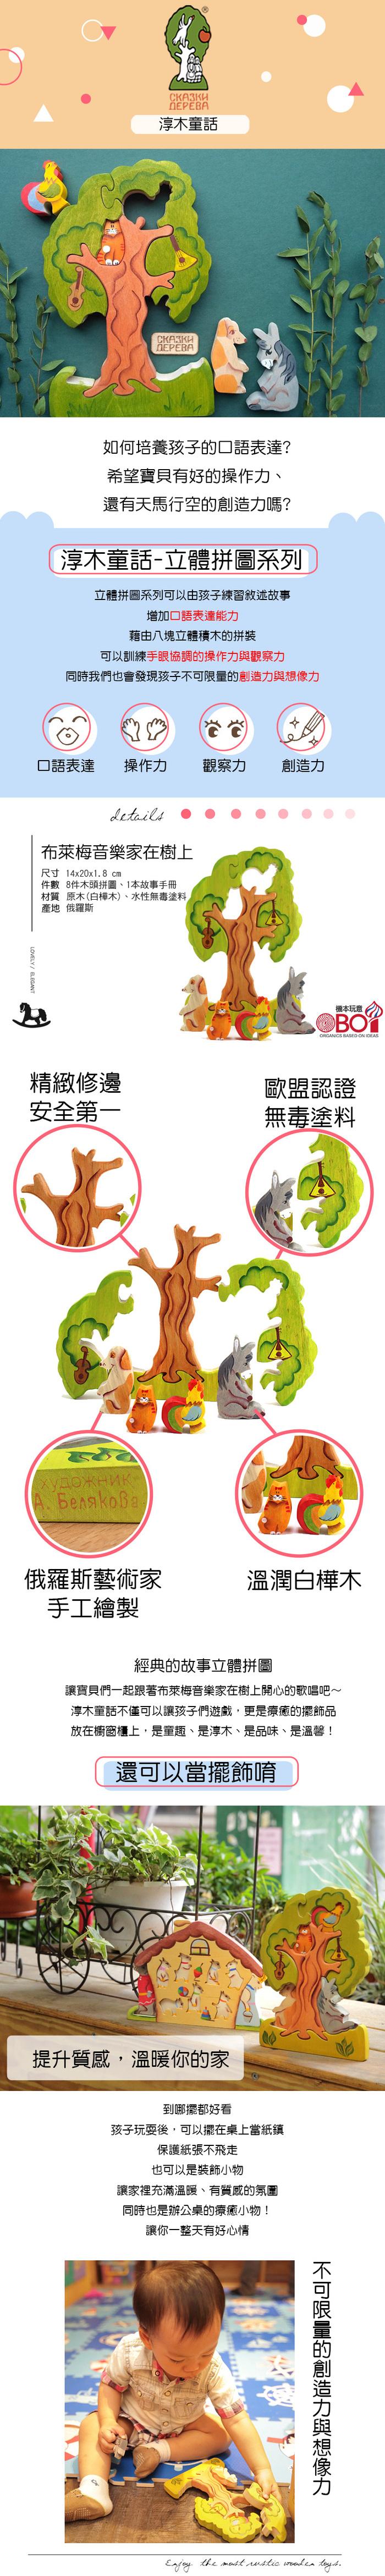 (複製)淳木童話 小歌德圈積木16片組